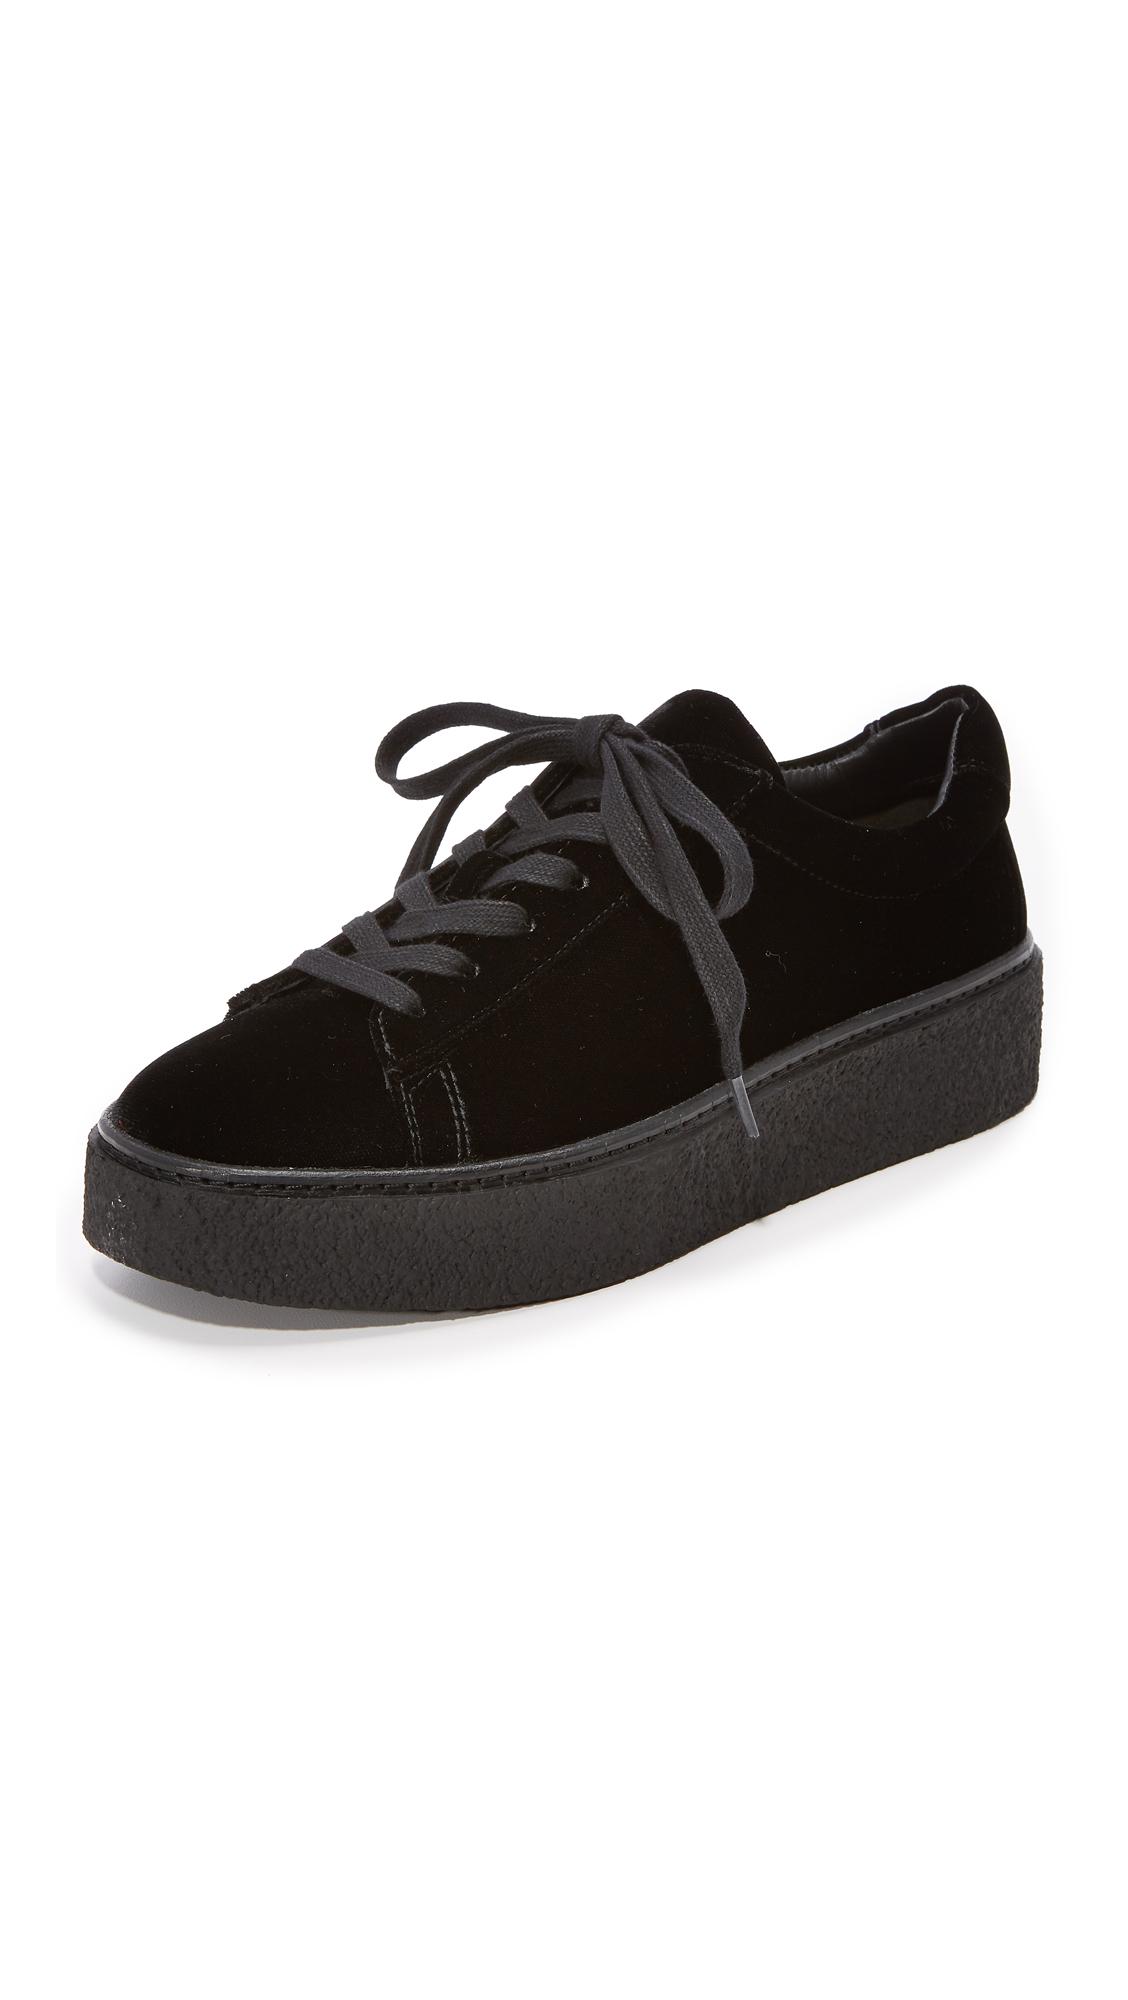 Vince Neela Platform Sneakers - Black